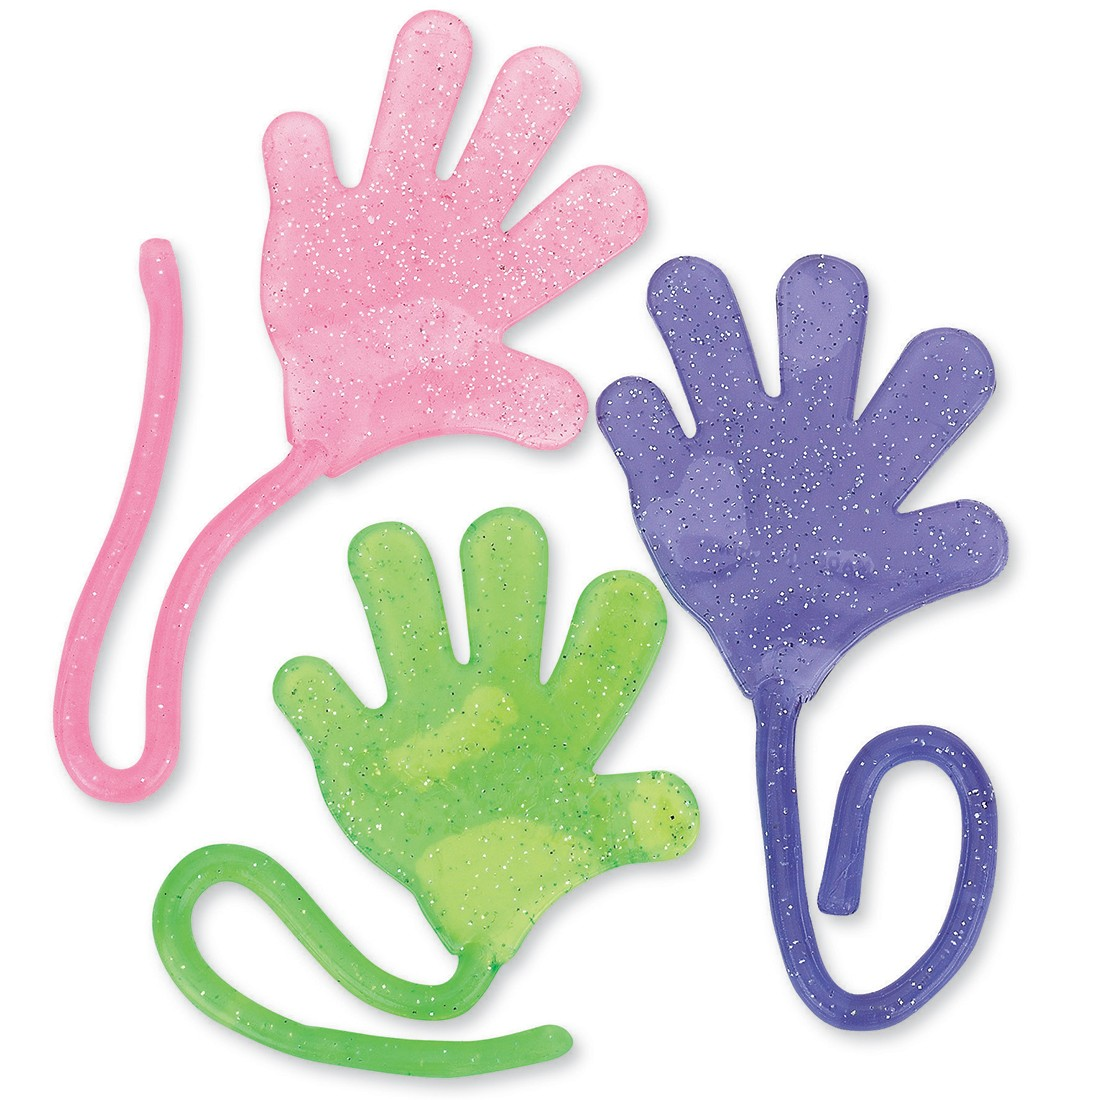 Glitter Sticky Hands [image]